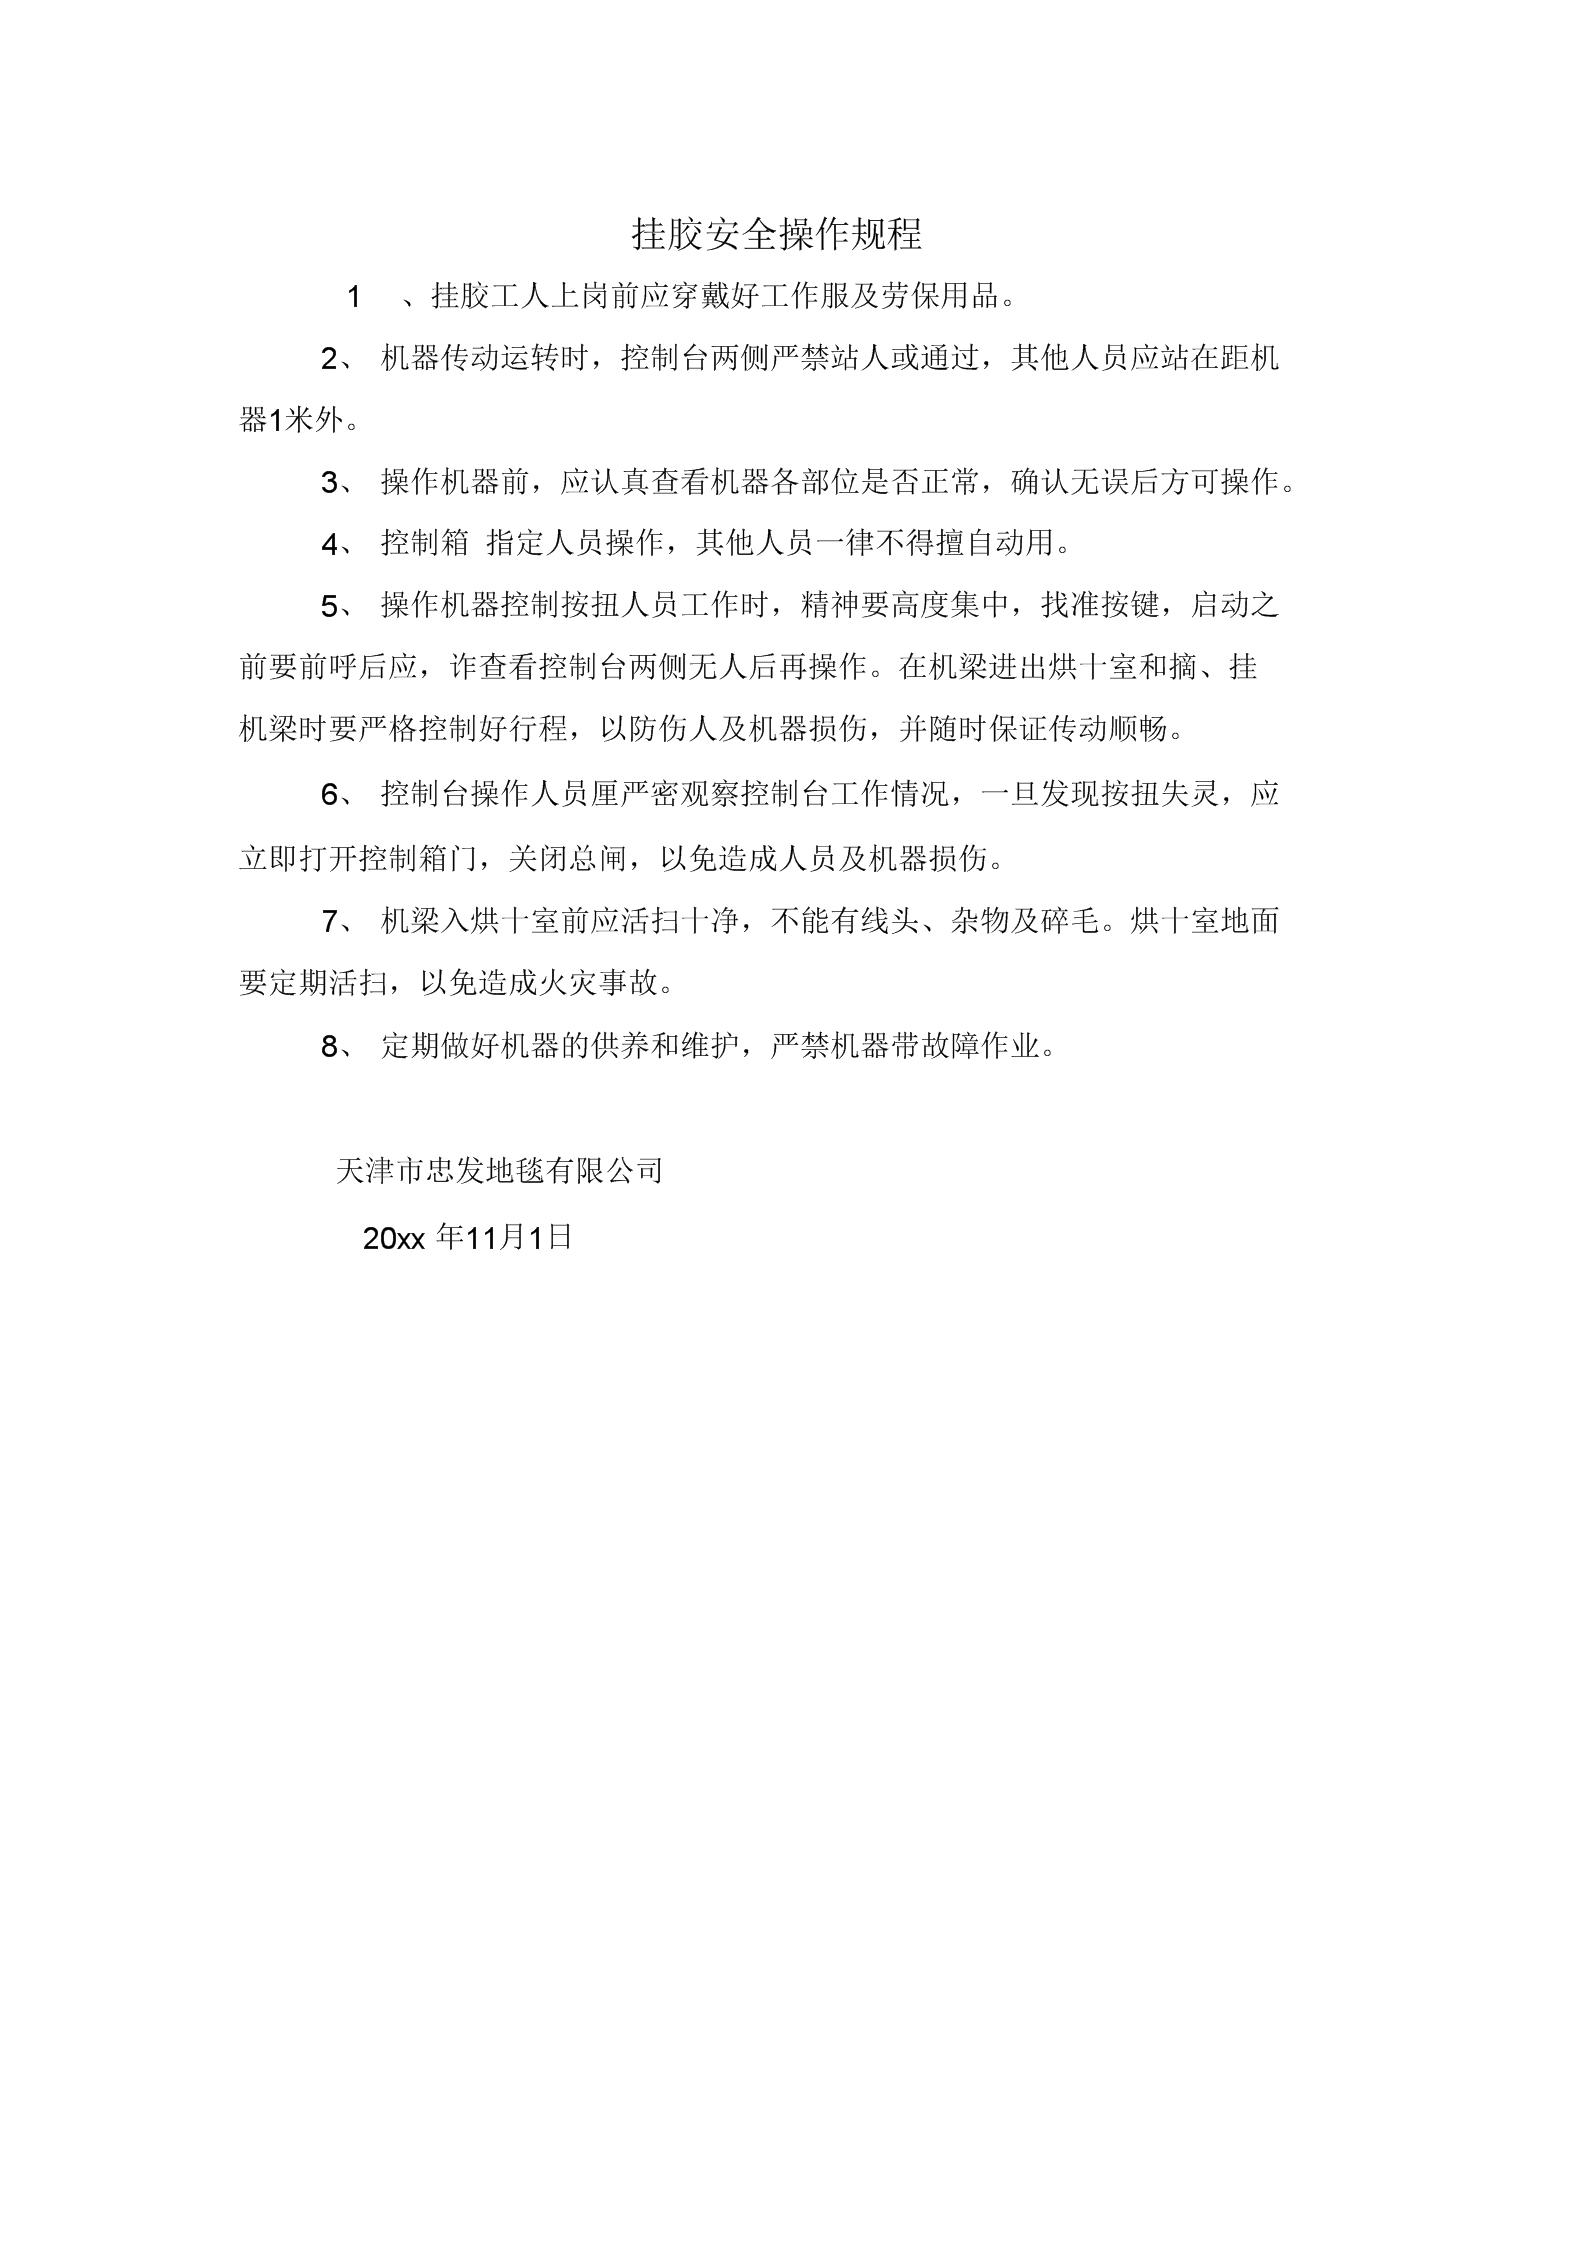 挂胶安全操作规程.docx